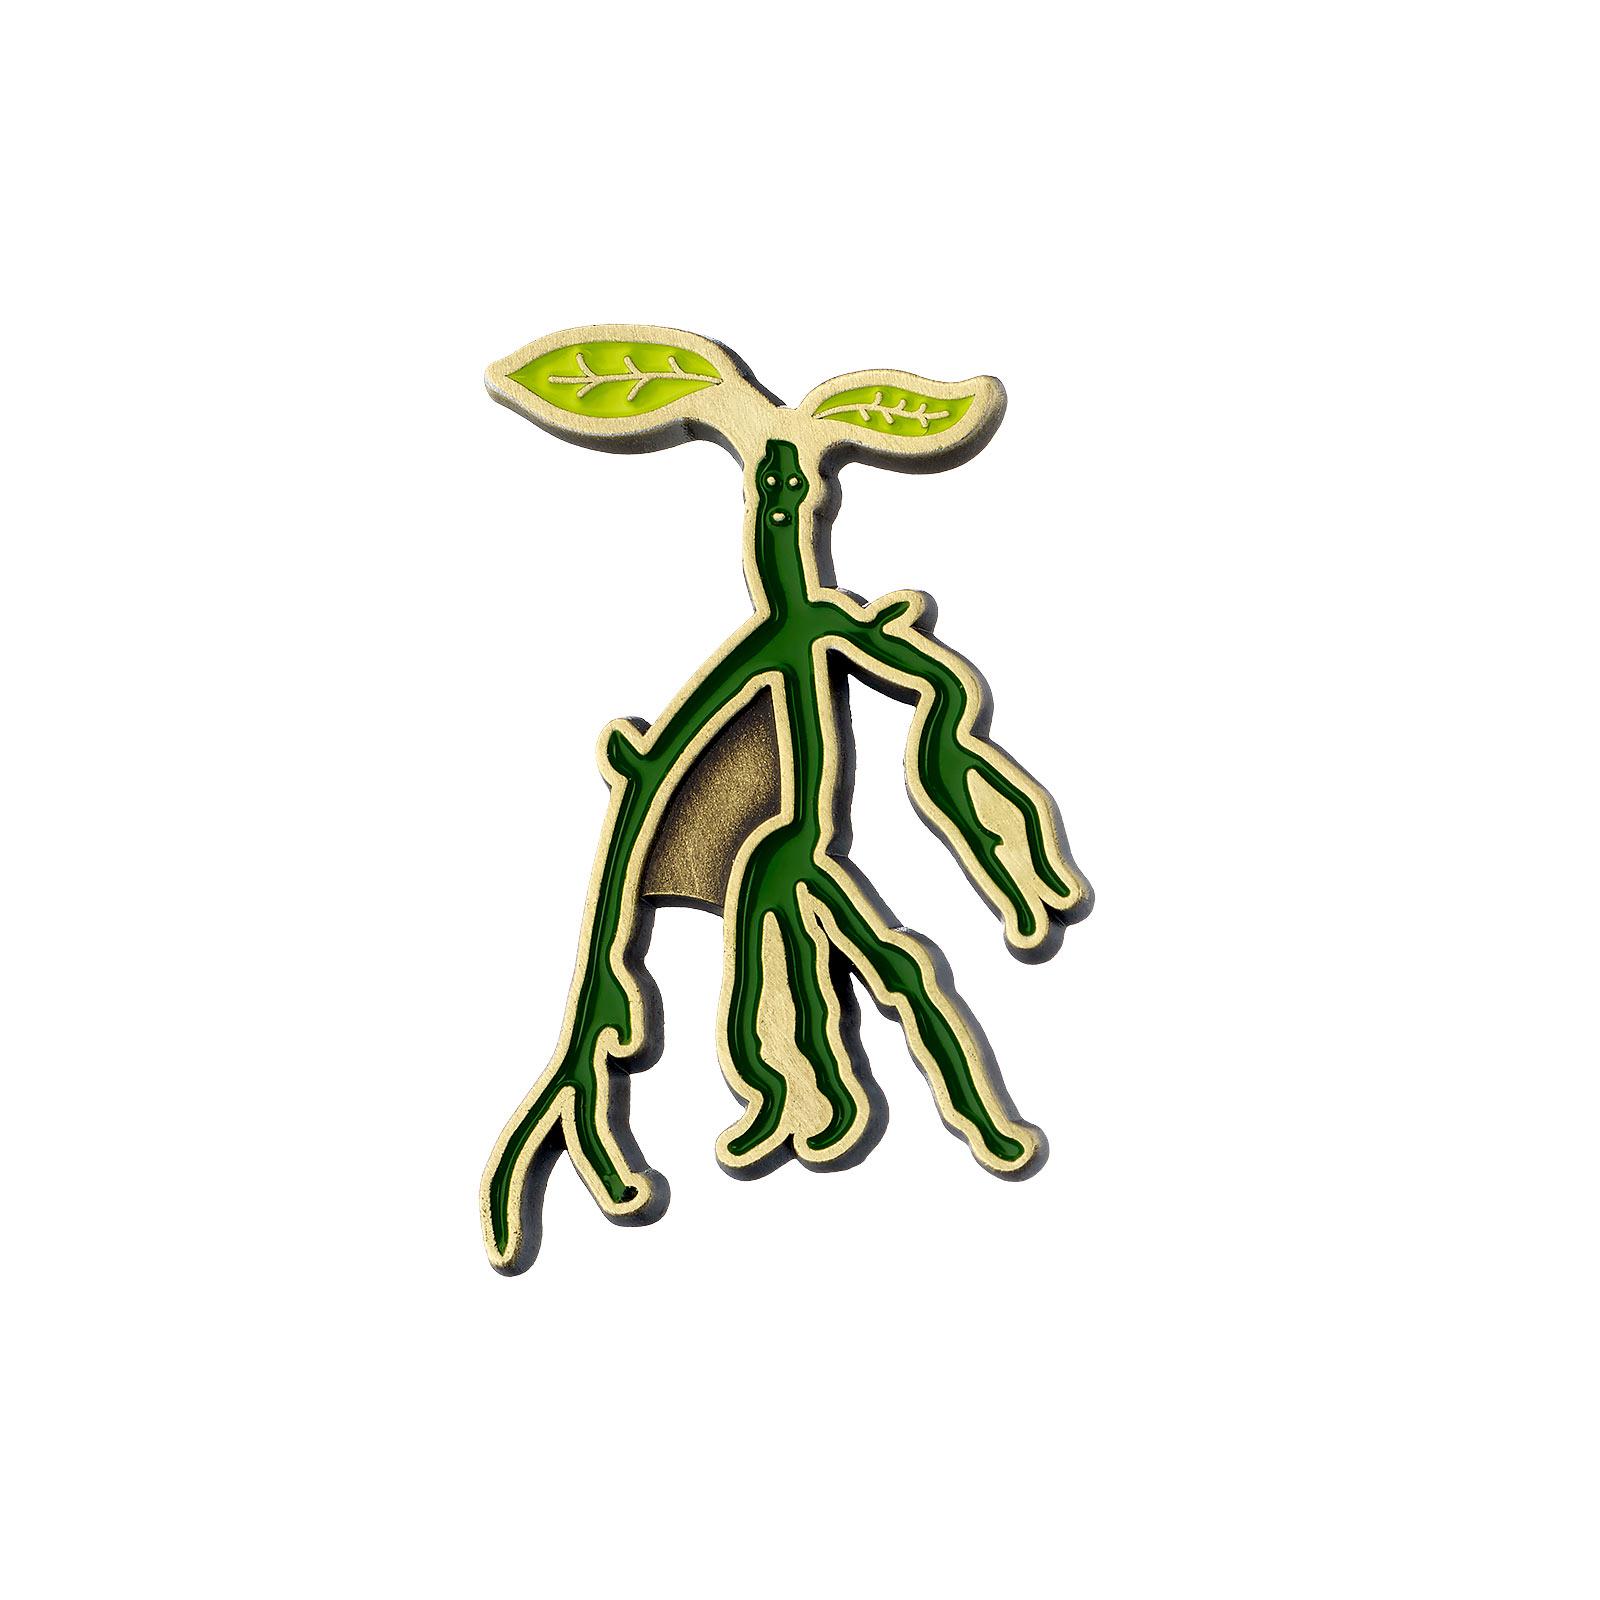 Phantastische Tierwesen - Bowtruckle Pin